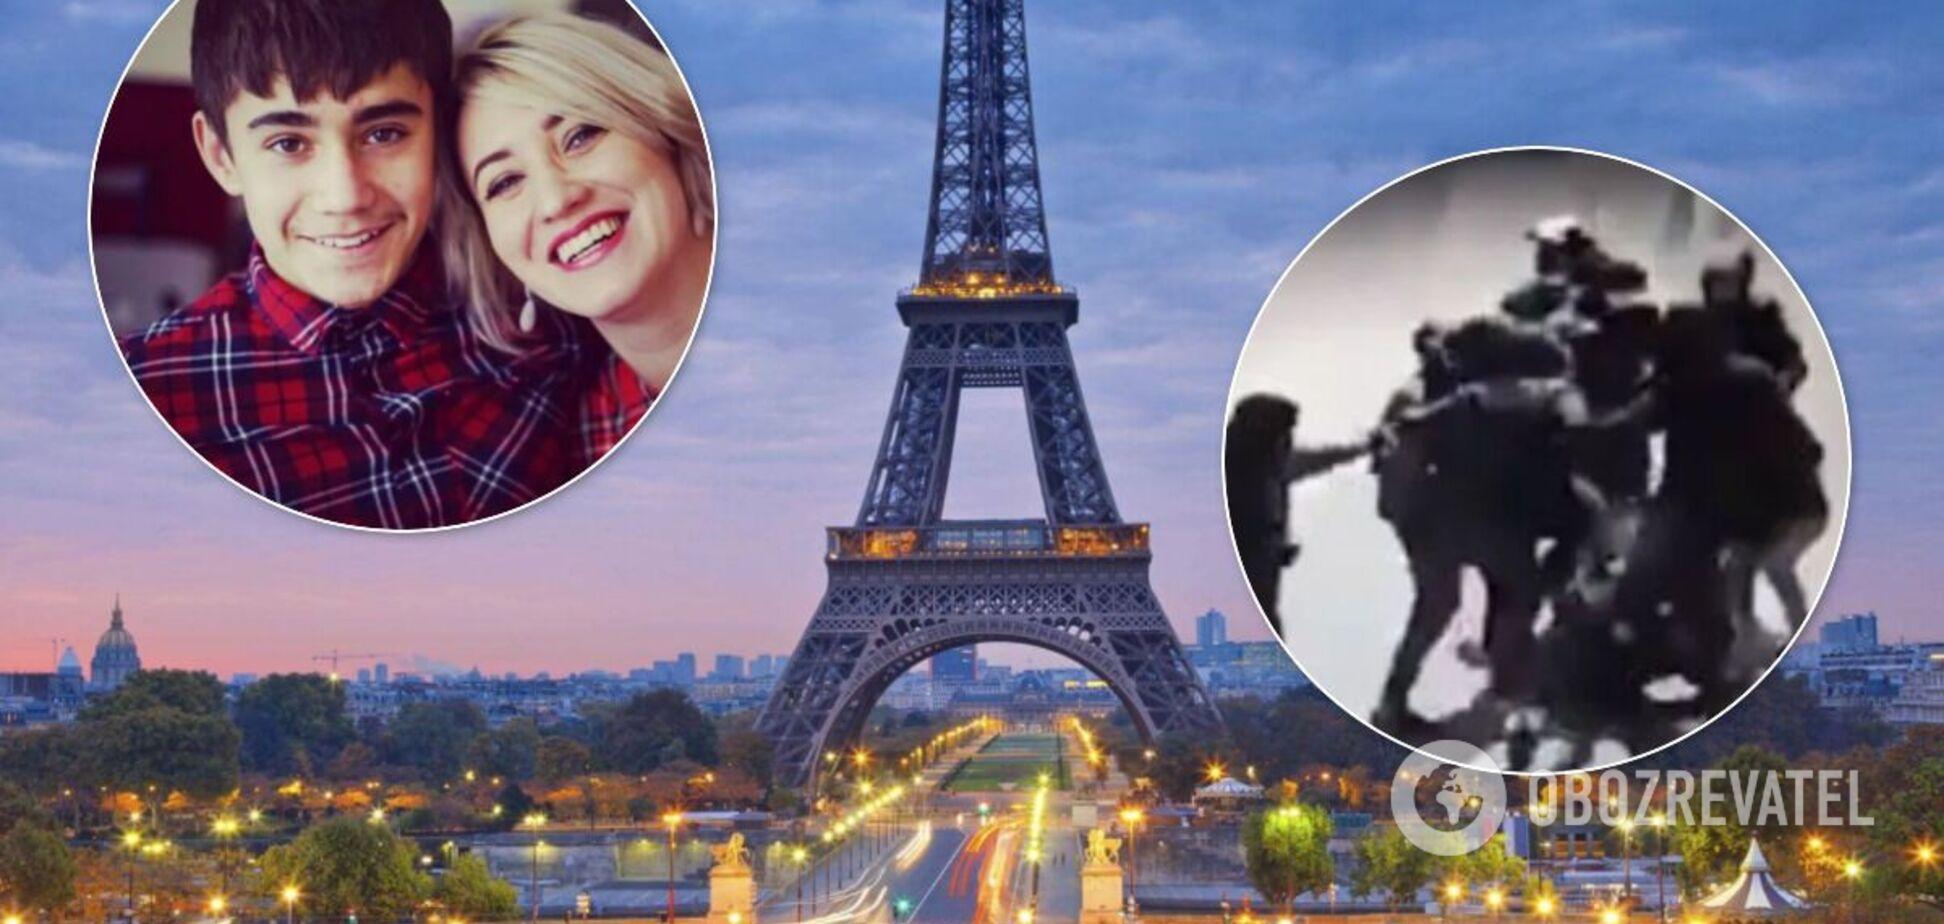 Побиття українця в Парижі: з Юрієм працюють пластичні хірурги, до справи долучилася влада